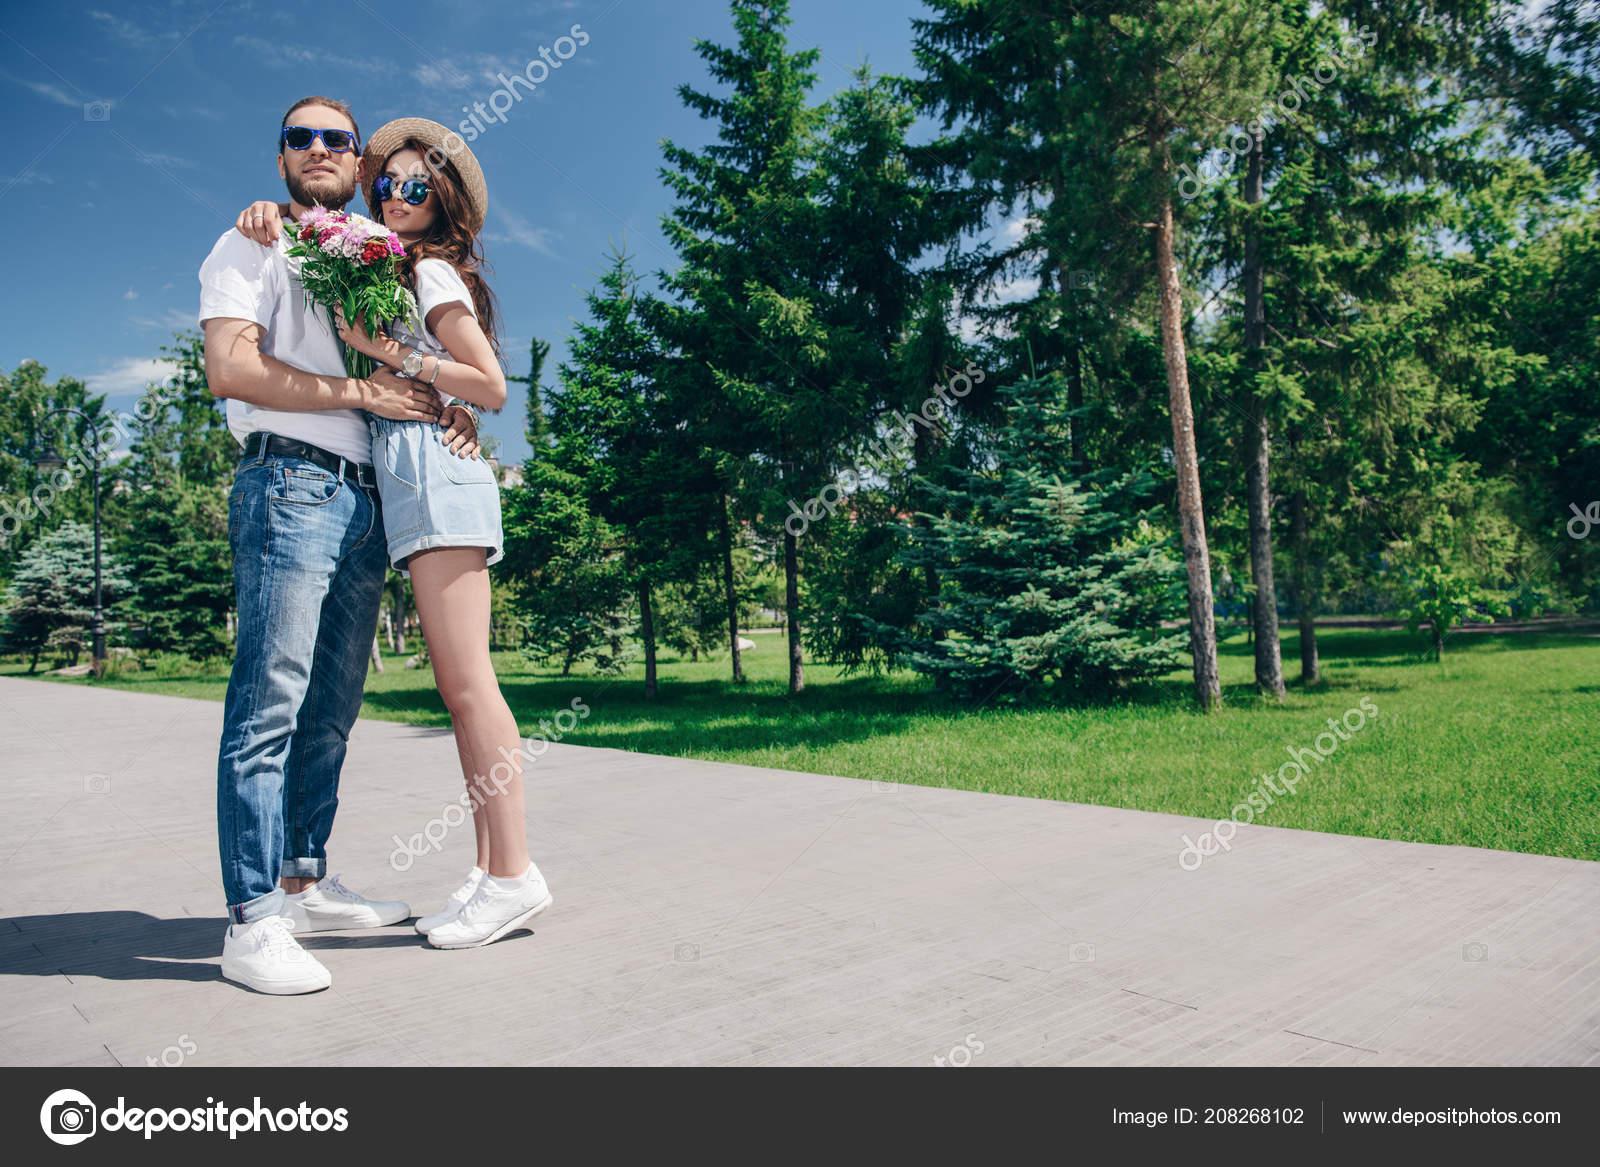 30298c7dd78 Gente Joven Feliz Amor Parque Día Soleado Verano Vacaciones Verano — Foto  de Stock